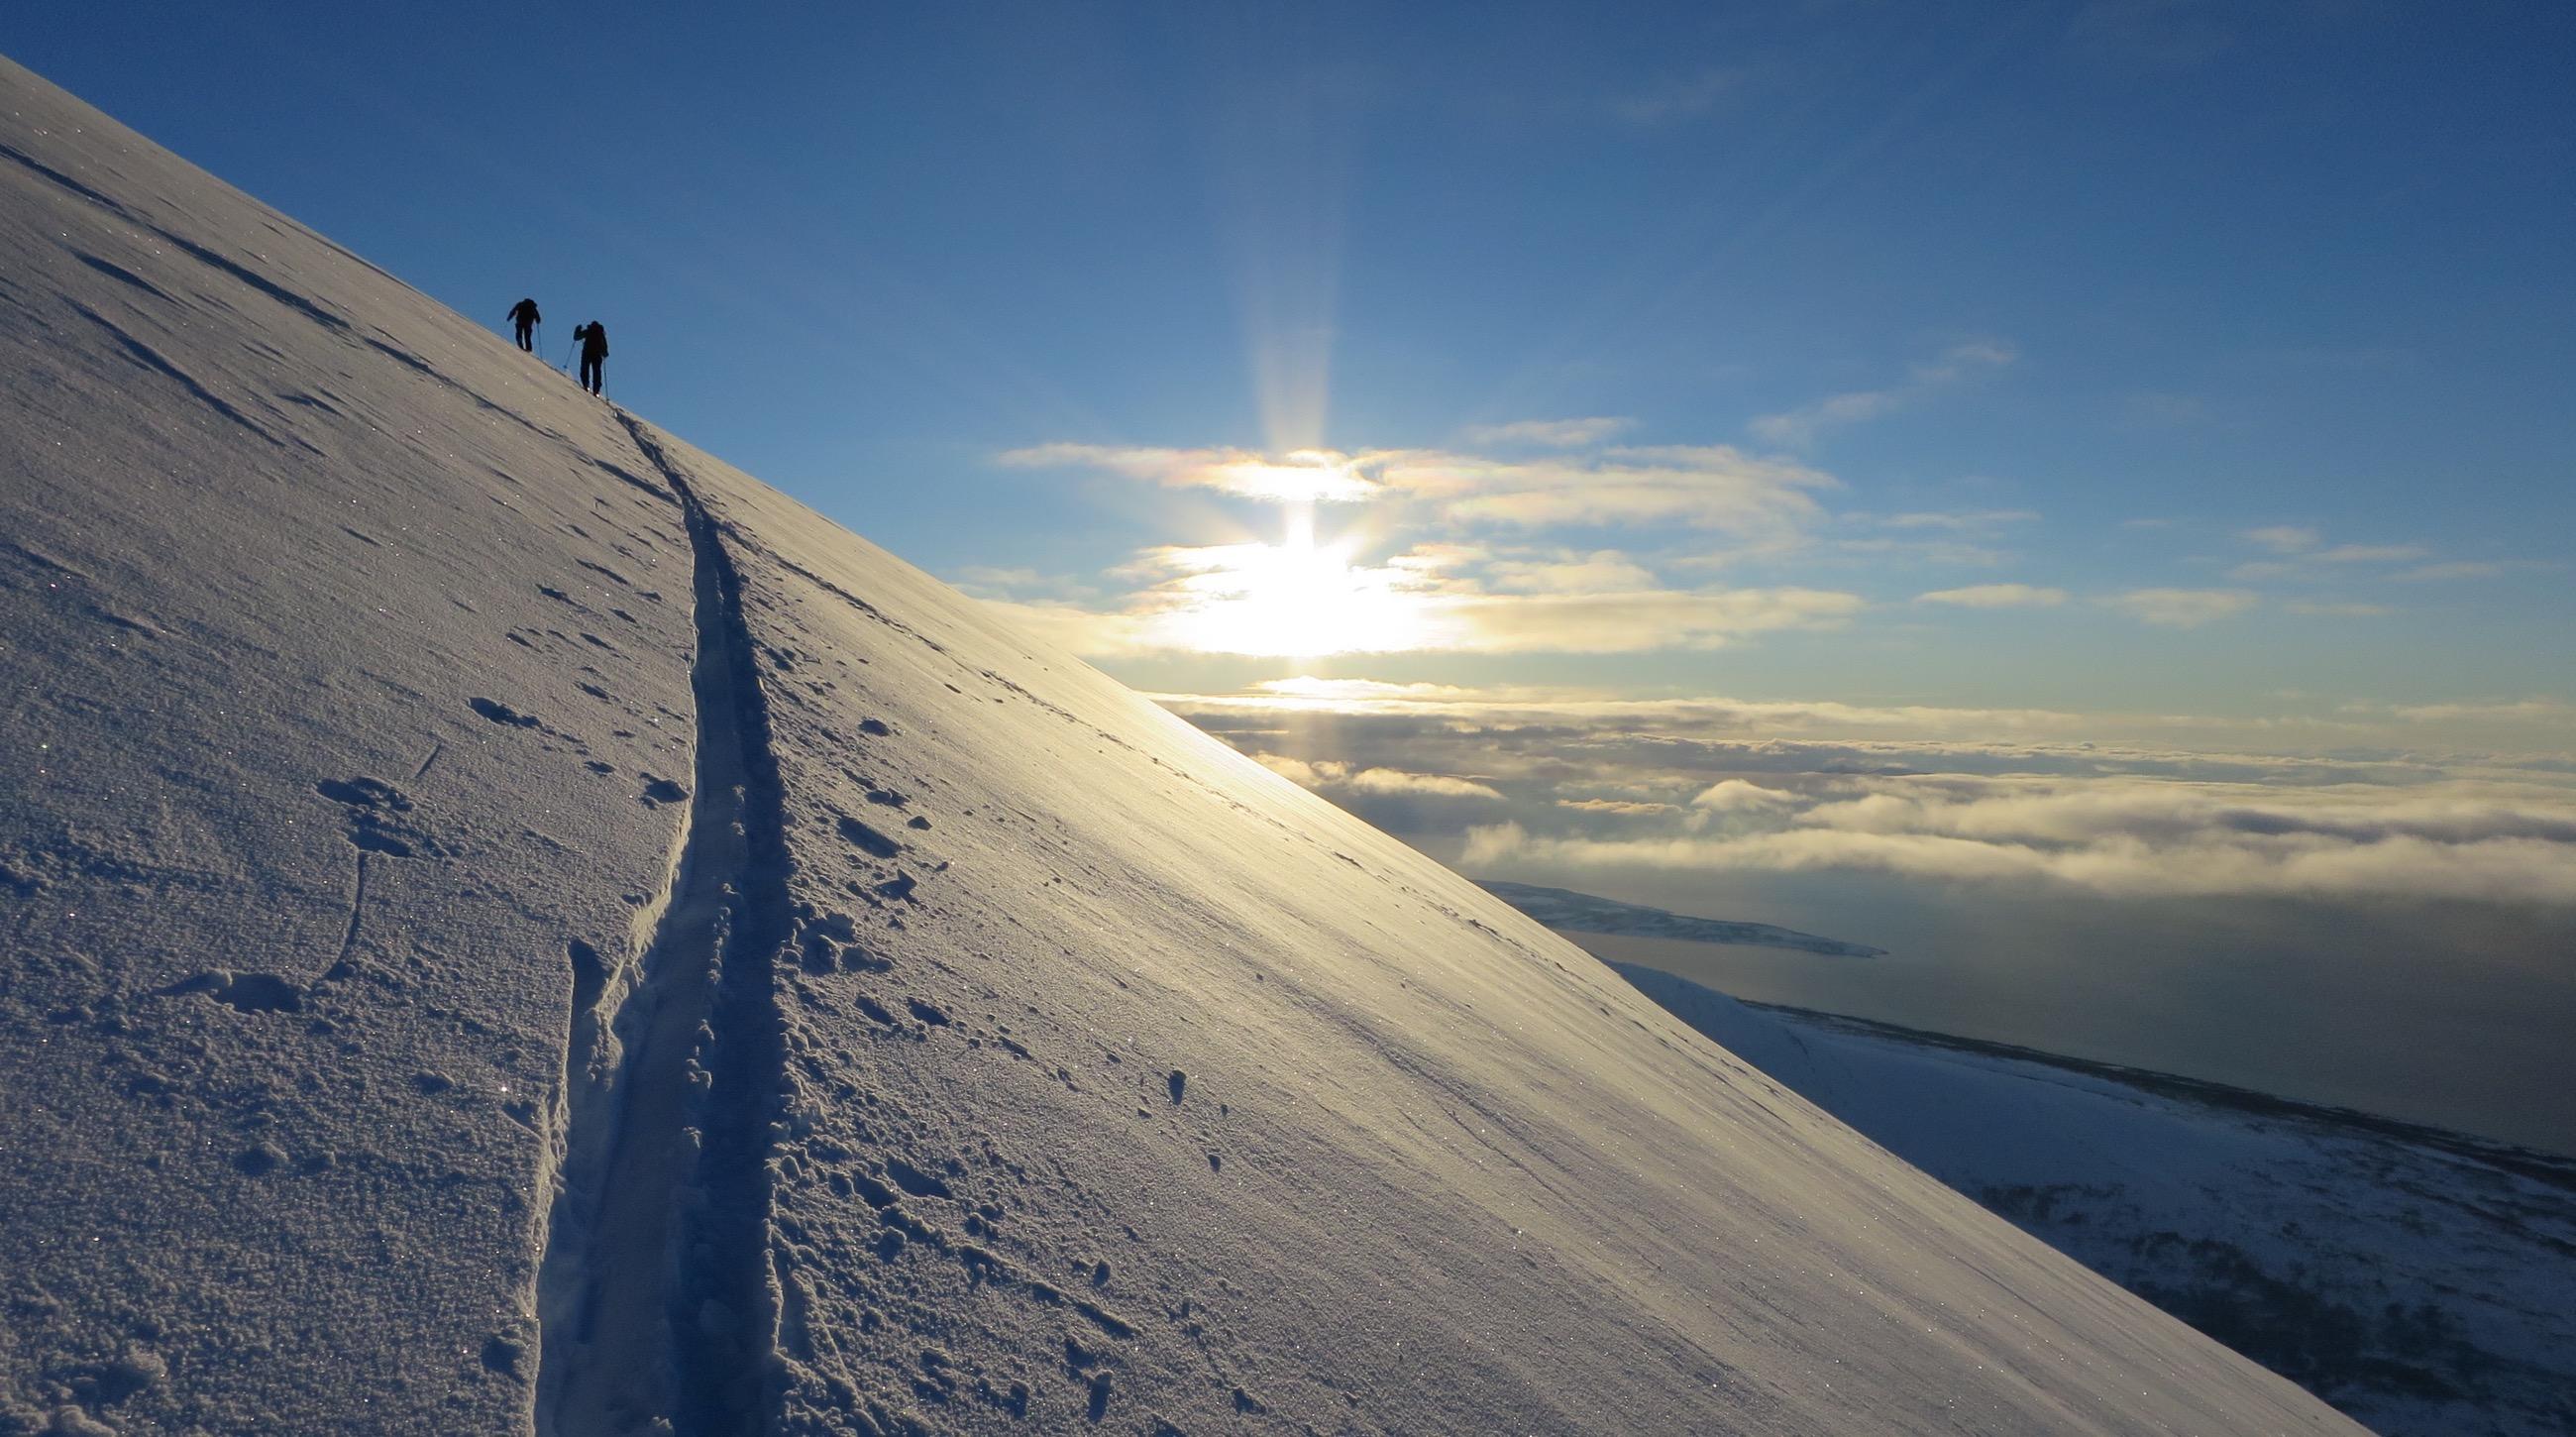 Velkommen til Tromsø Fjellsport - Vi tilbyr kurs og fjellføring i fantastiske omgivelser